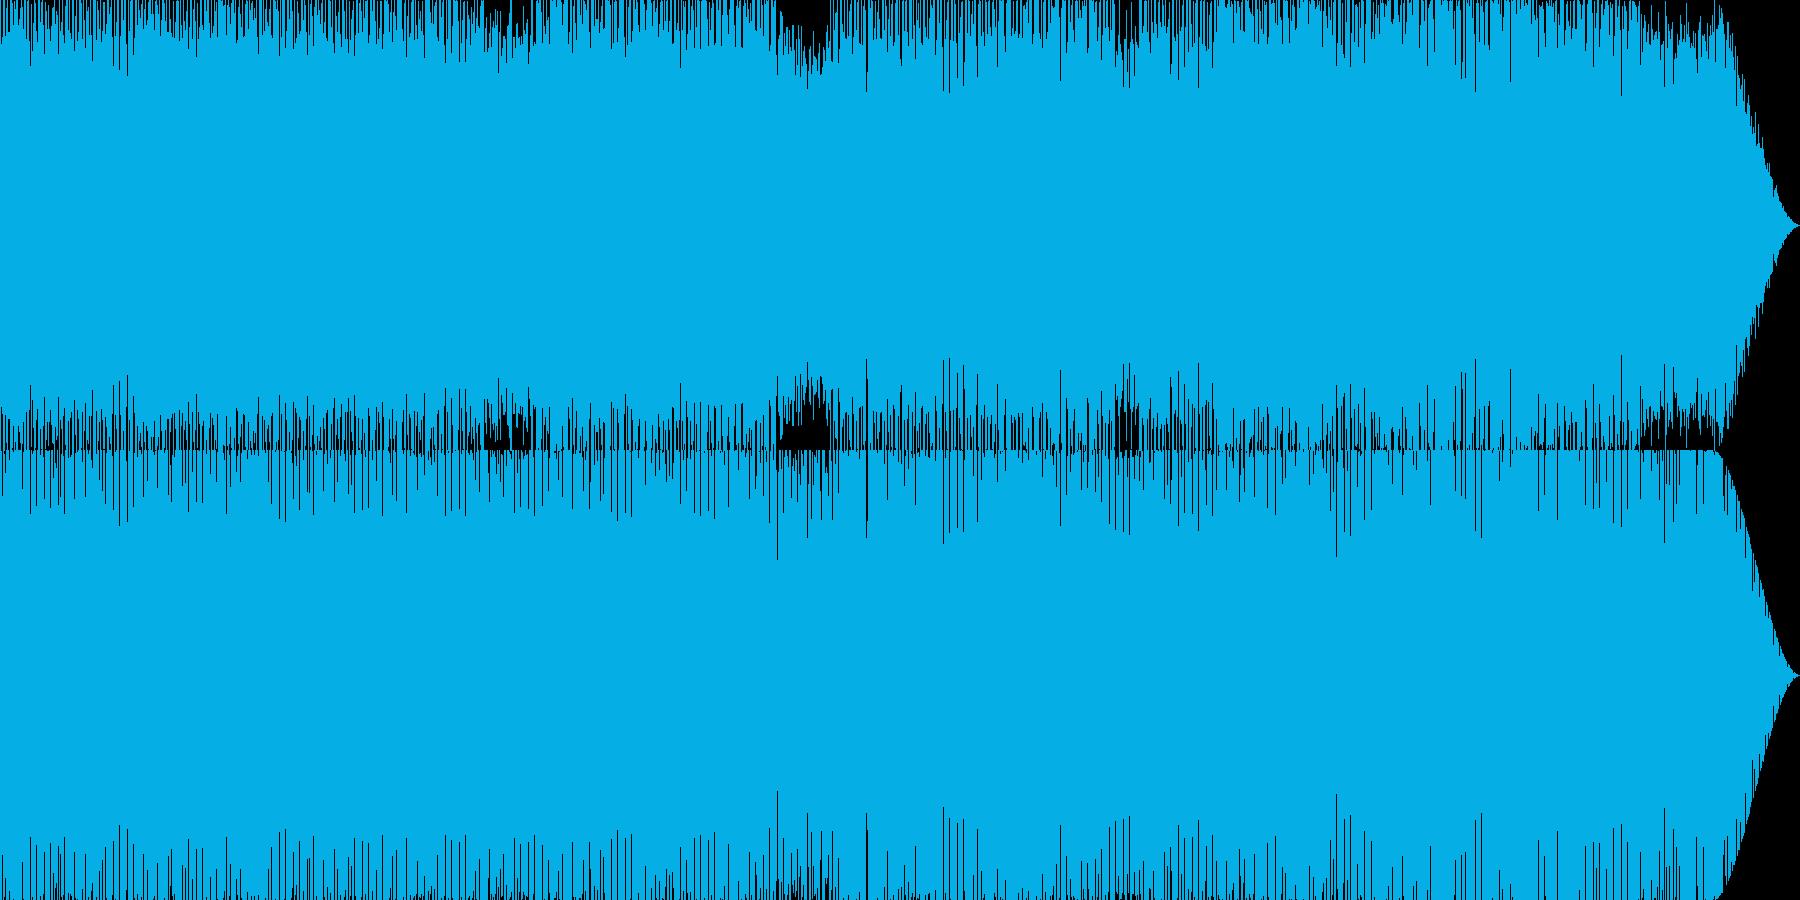 ゲームのボス戦闘シーンをイメージした曲の再生済みの波形